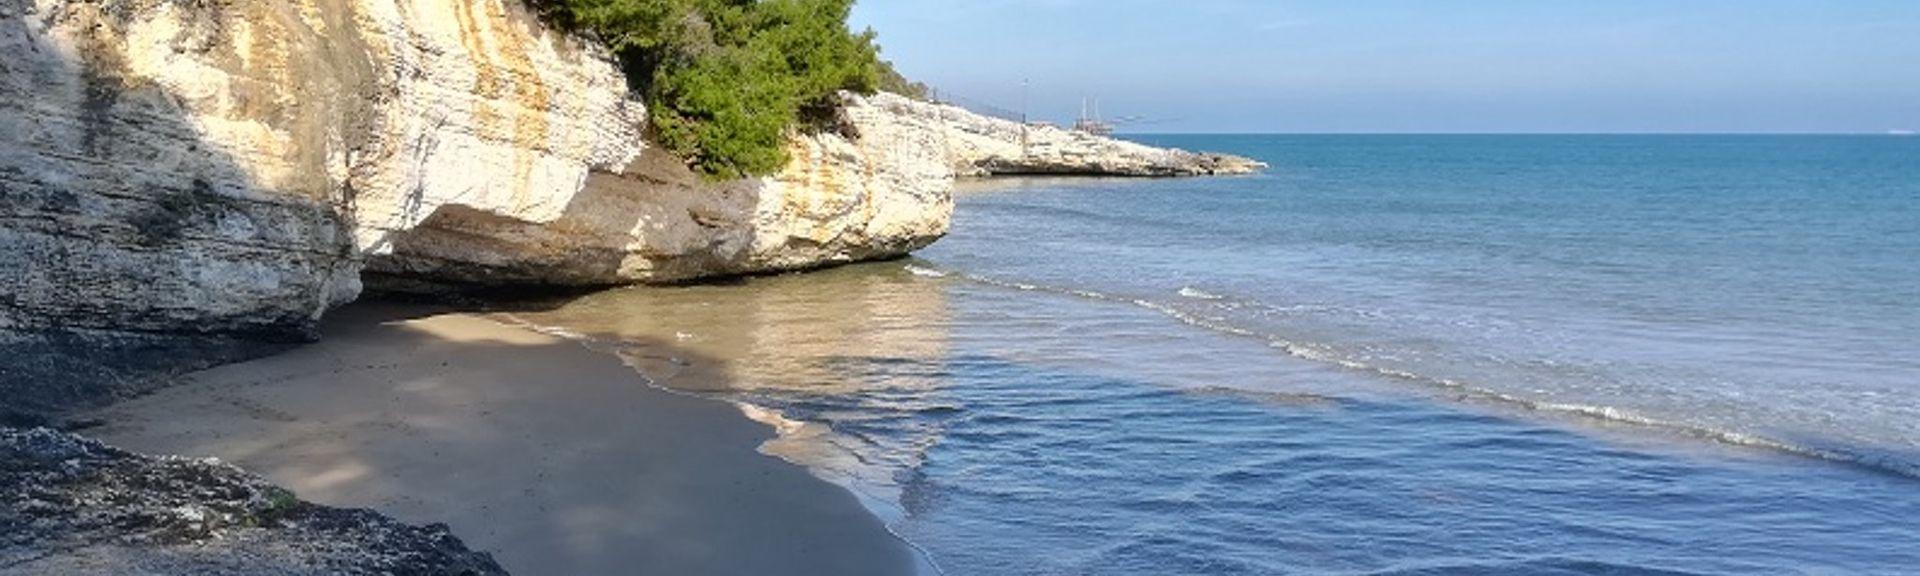 Montincello, Foggia, Puglia, Italy